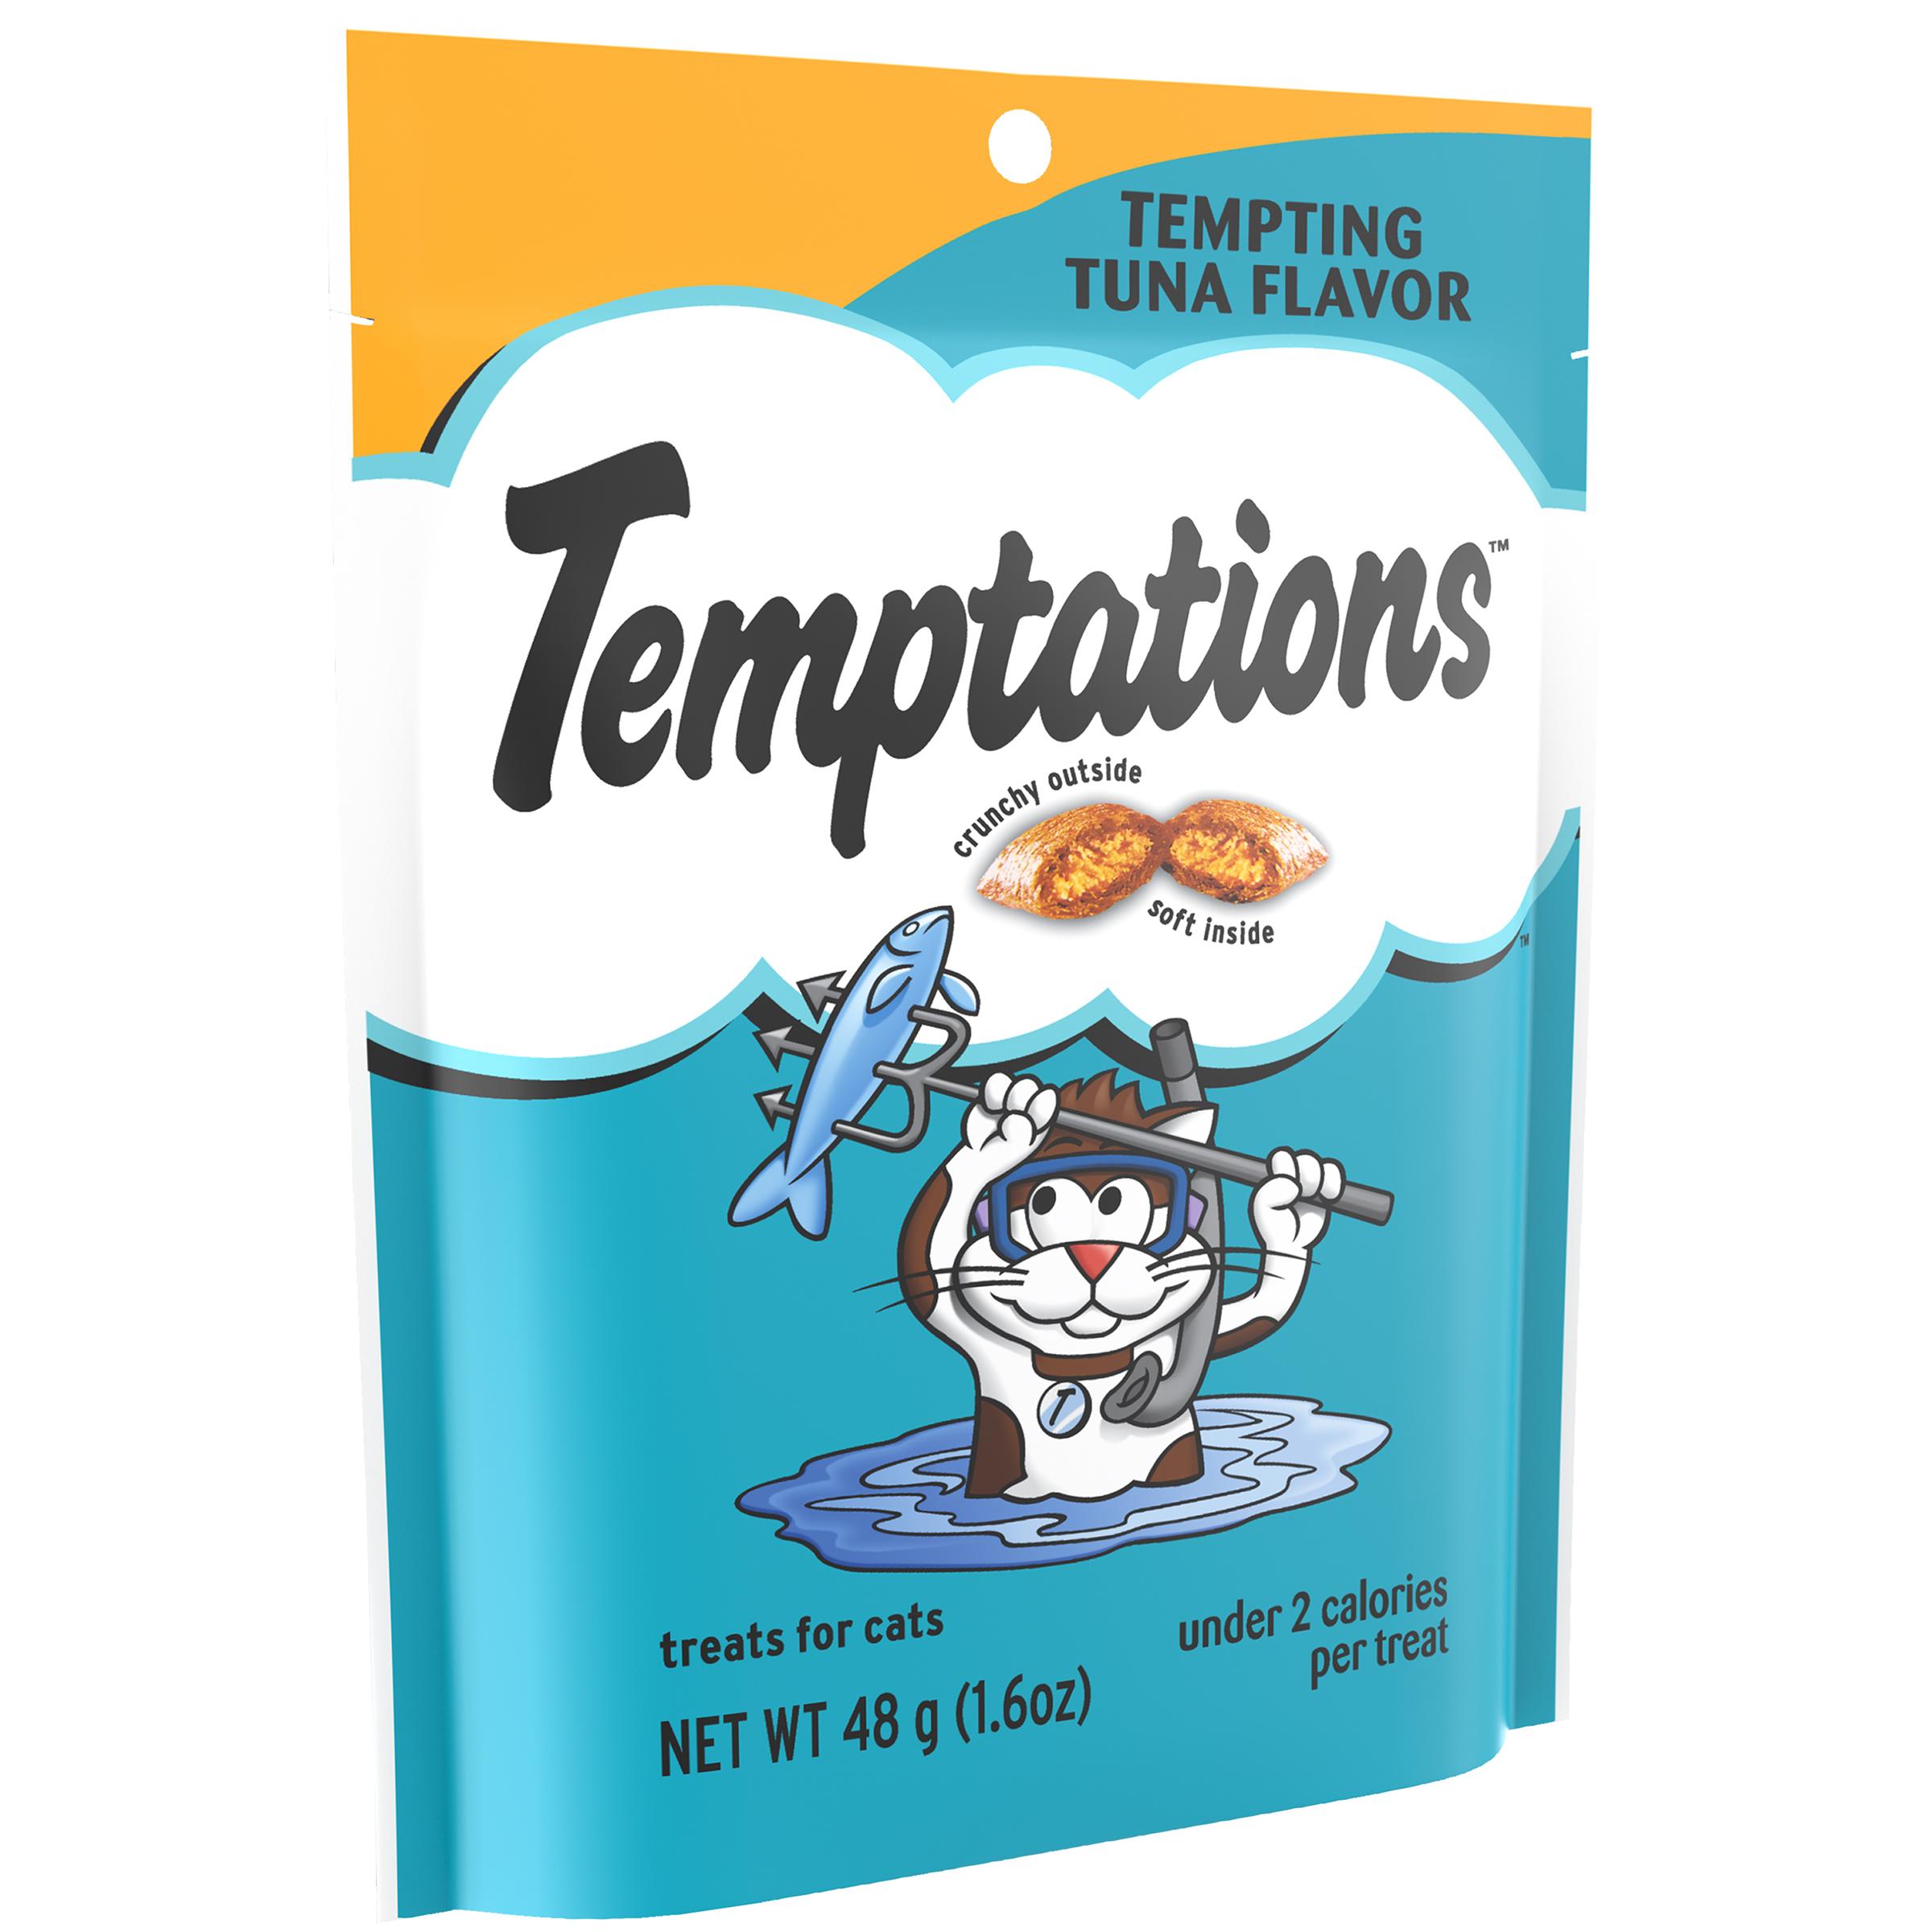 Temptations™ Tempting Tuna Flavor Cat Treats